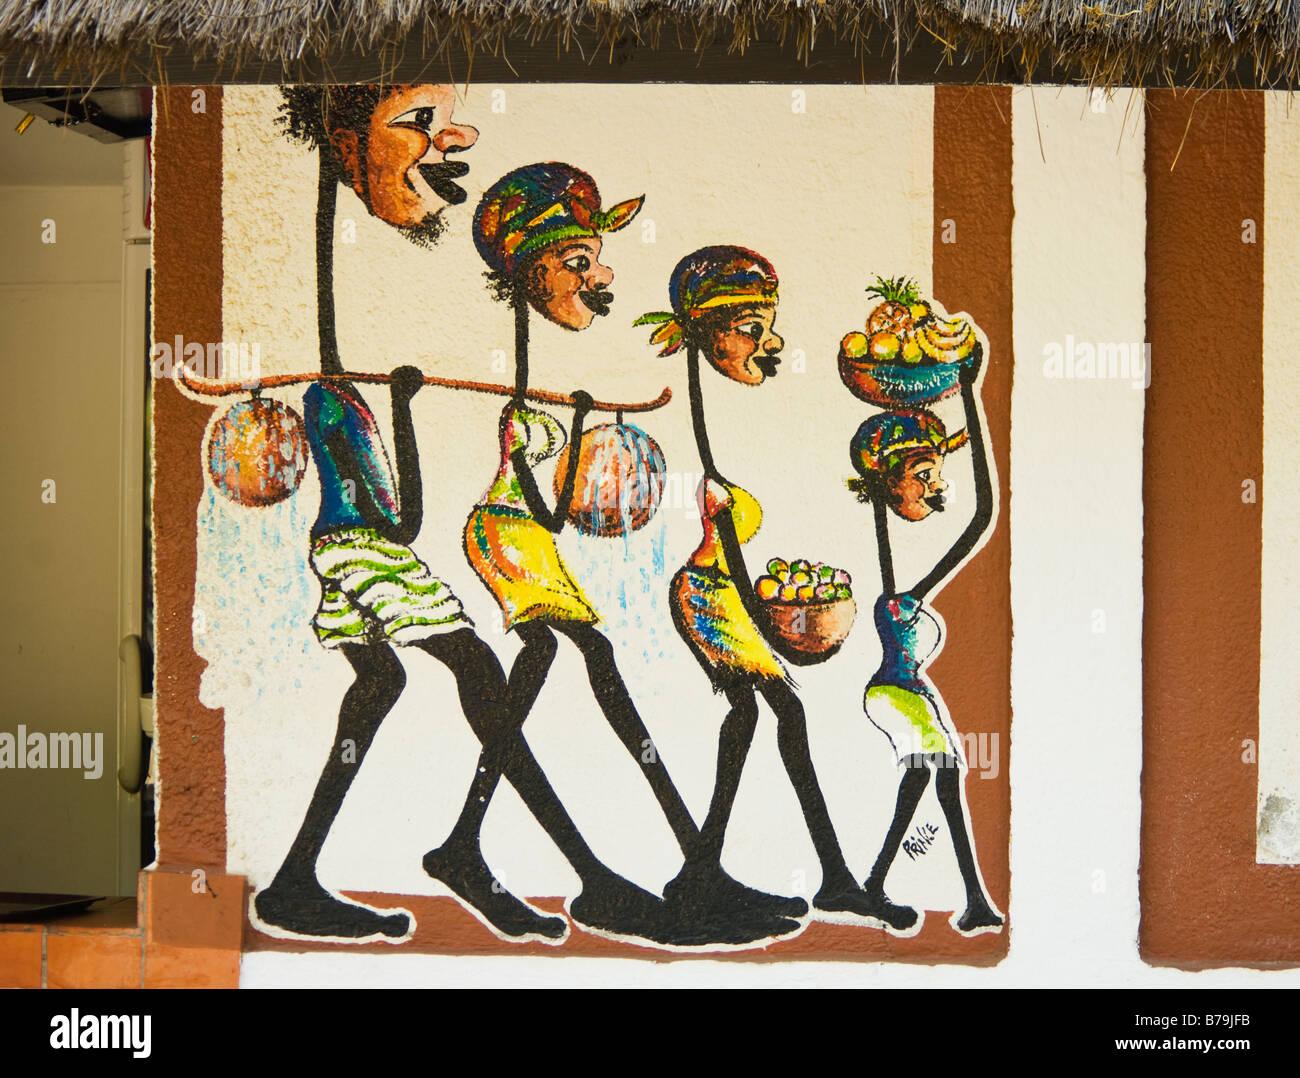 wall-painting-hotel-senegambia-banjul-the-gambia-B79JFB.jpg